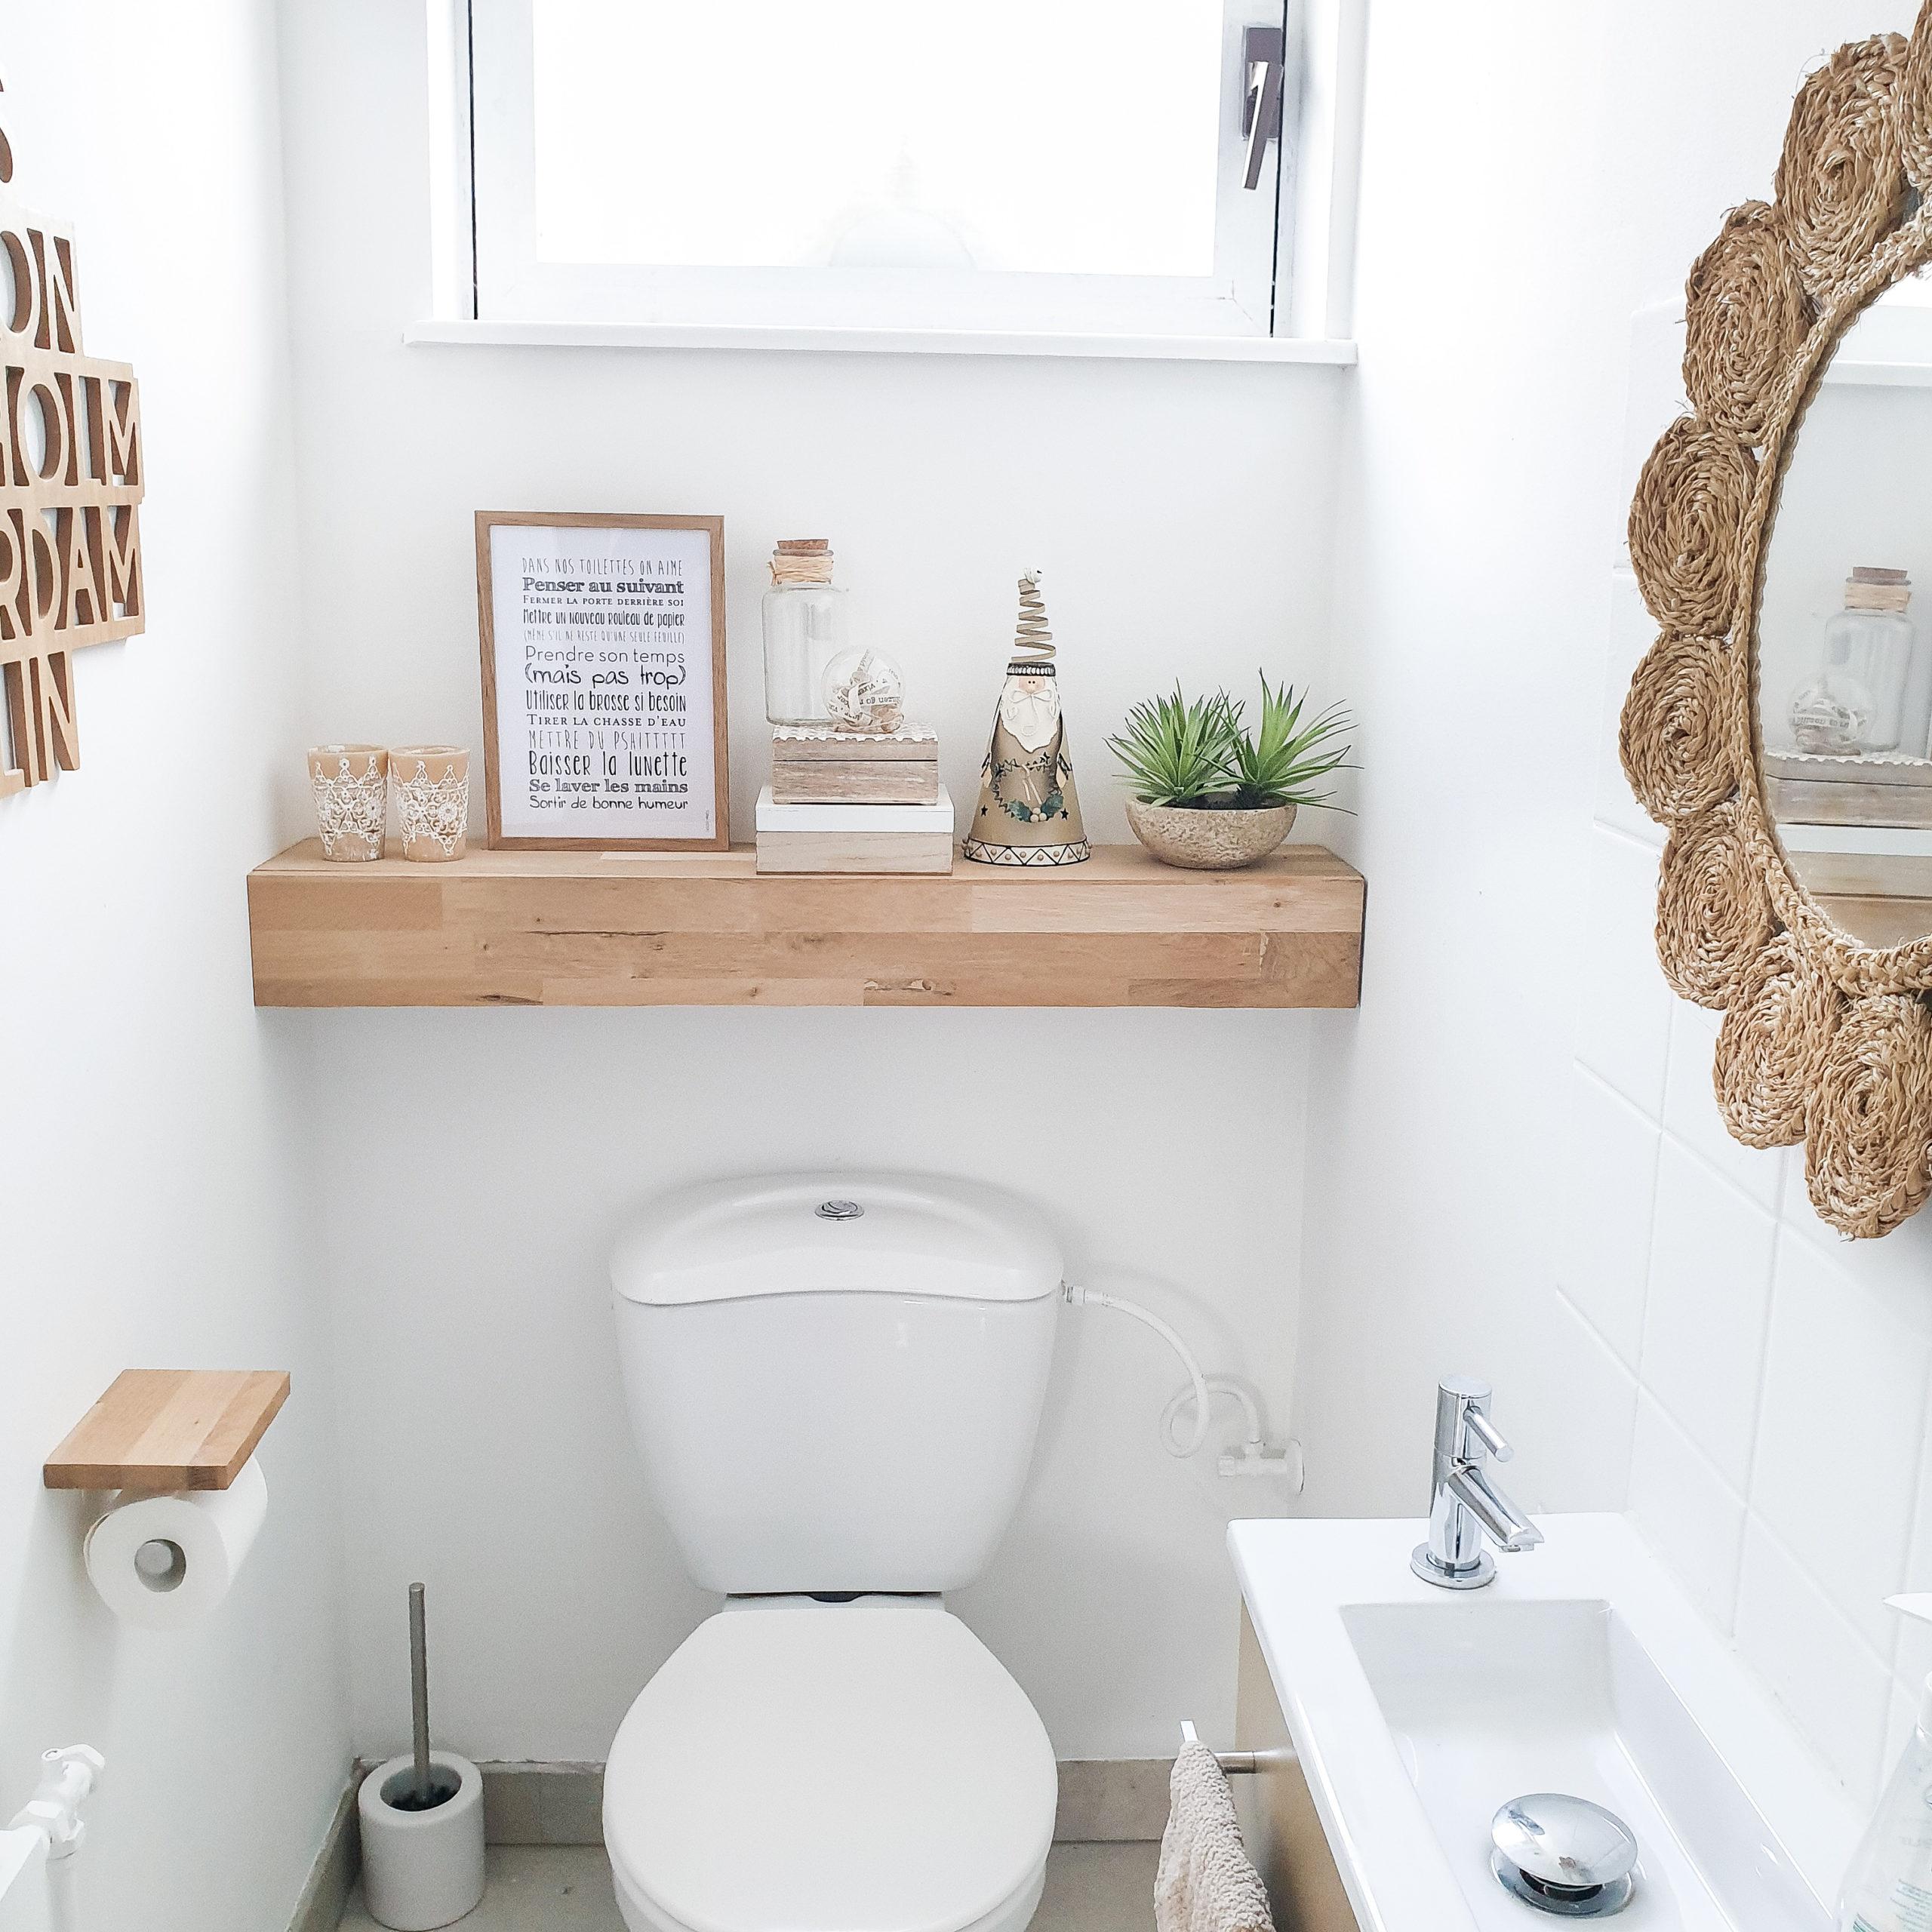 Un Toilette Ou Une Toilette affiche toilettes personnalisable (wc)